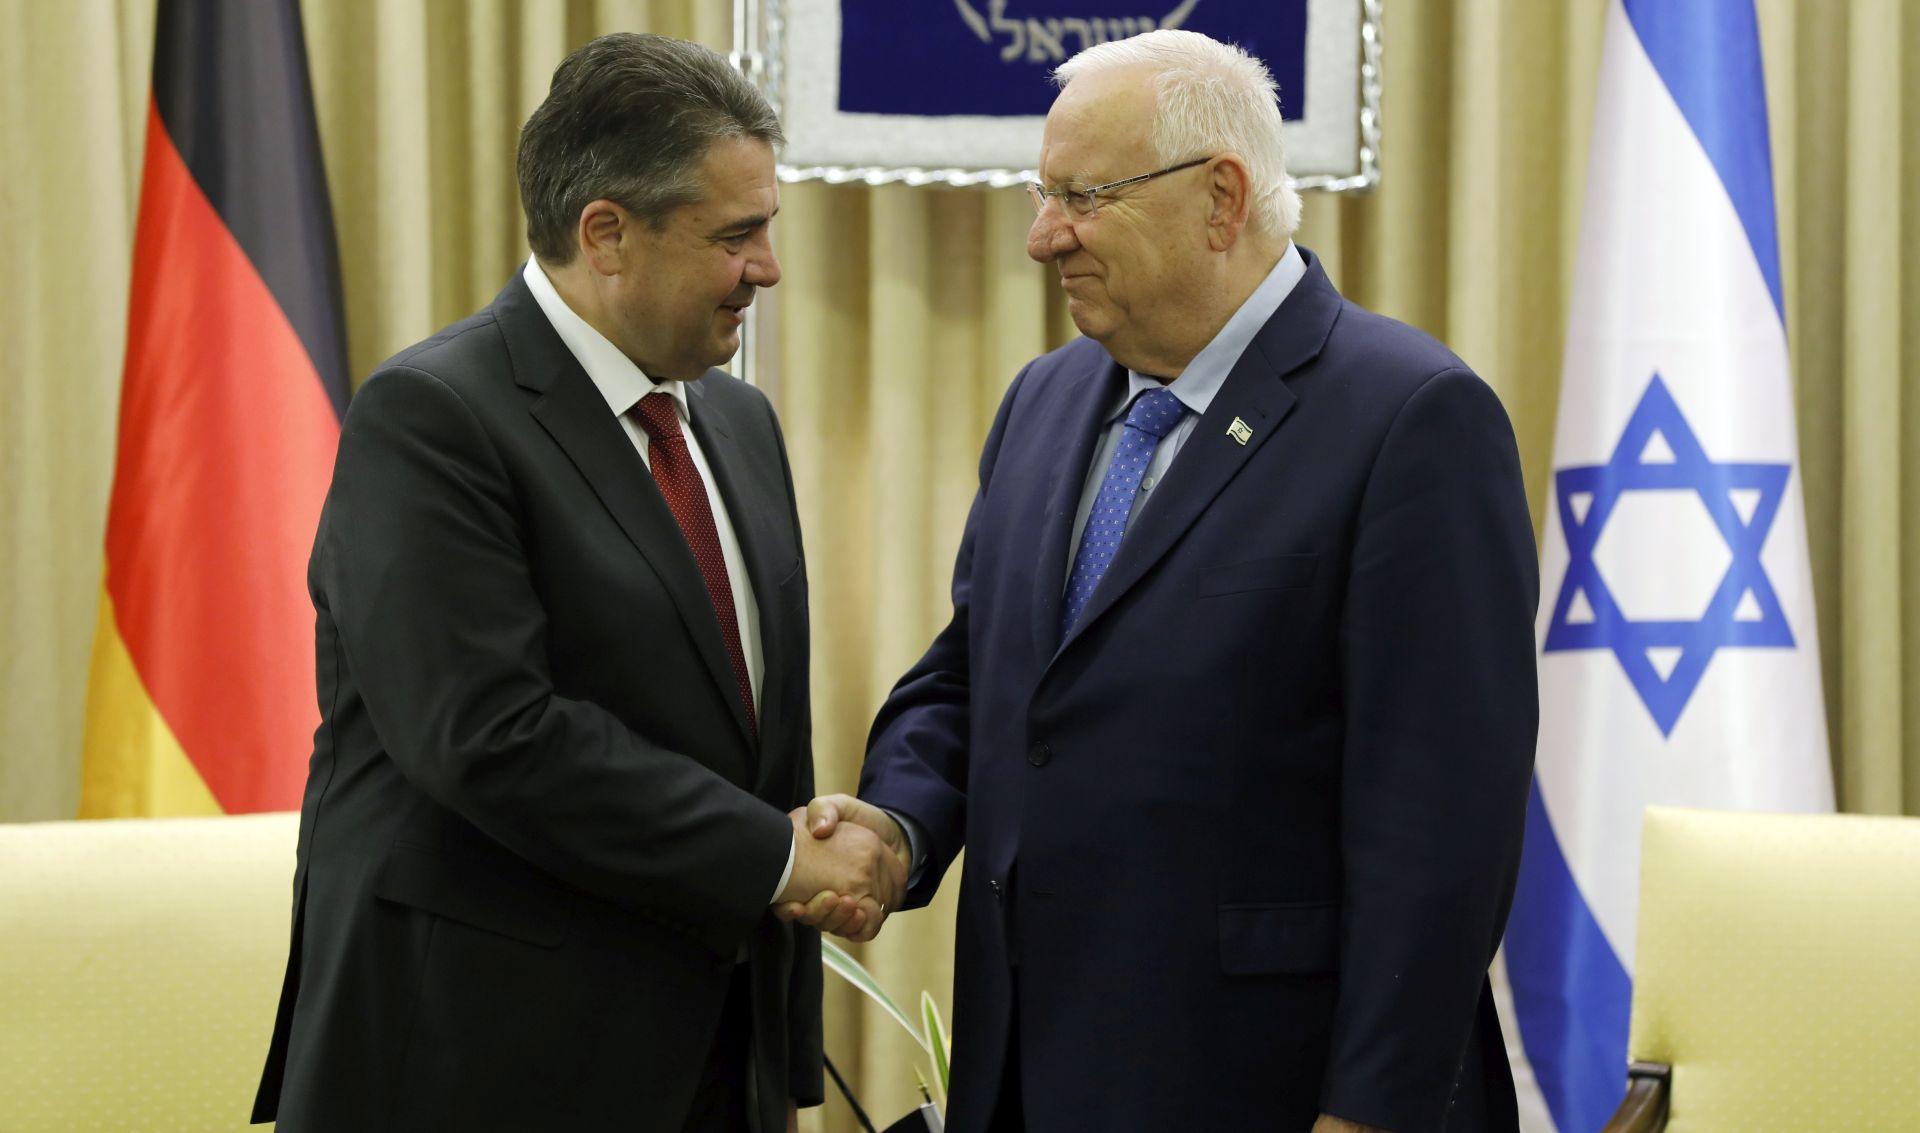 Netanyahu otkazao najavljeni sastanak sa Sigmarom Gabrielom